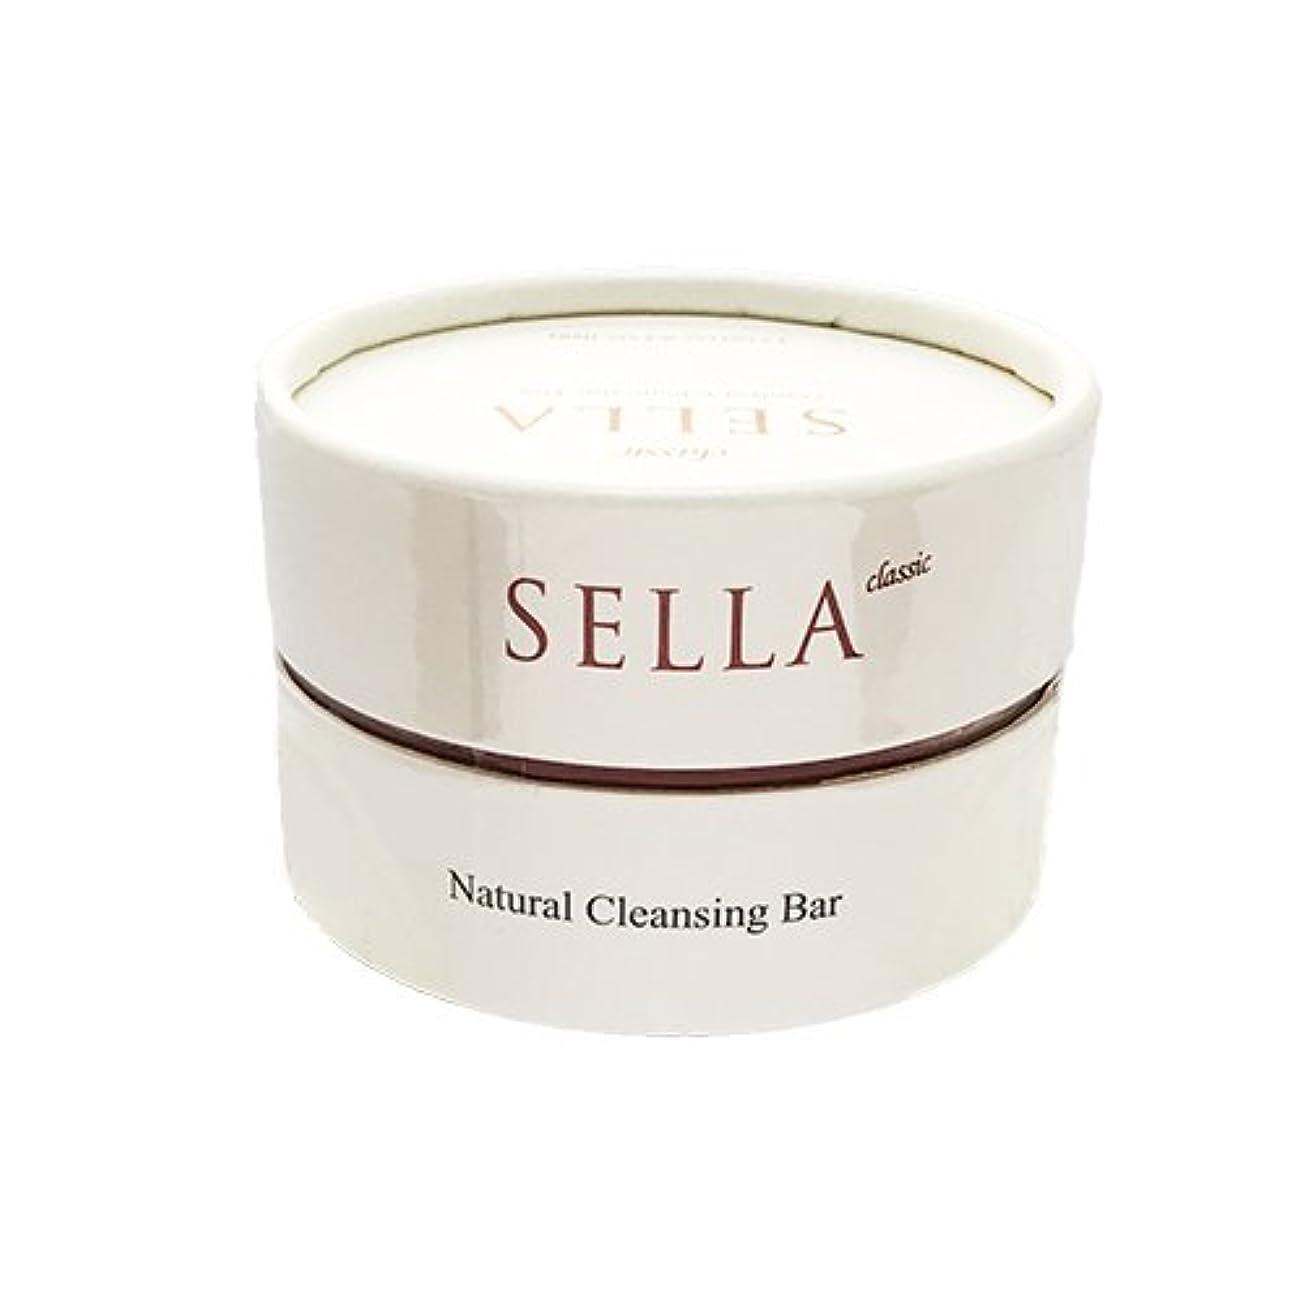 食用所得によって【SELLA(セラ)】クラシック クレンジング バー 100g [並行輸入品]